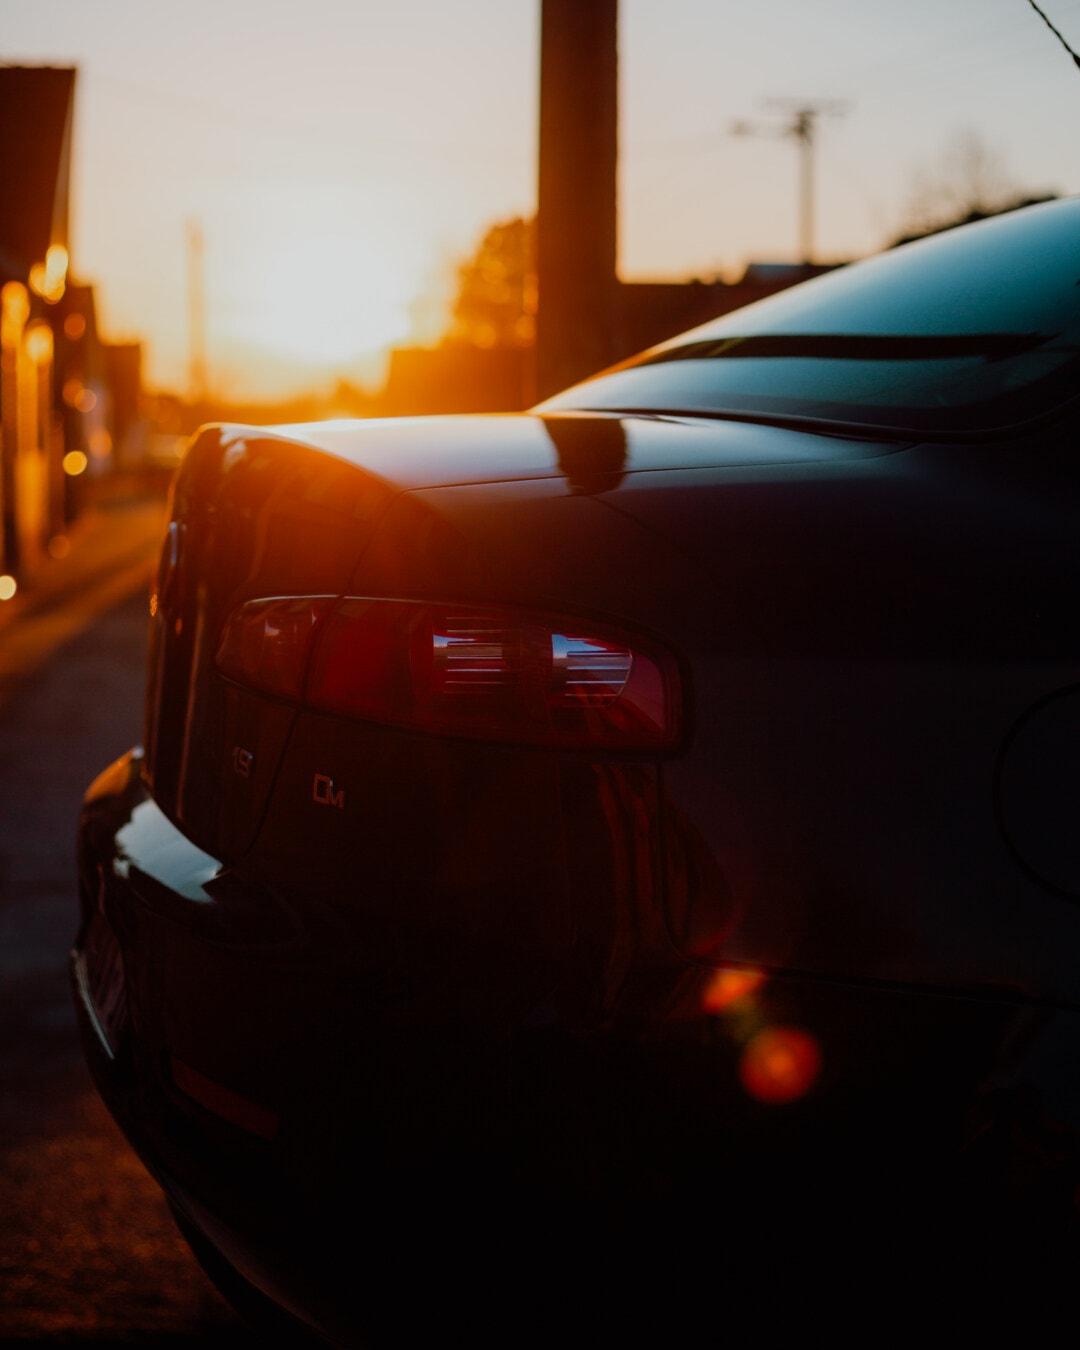 tampon, yakın, sedan araba, Güneş ışığı, arkadan aydınlatmalı, günbatımı, parlak, ulaşım, aygıt, araba